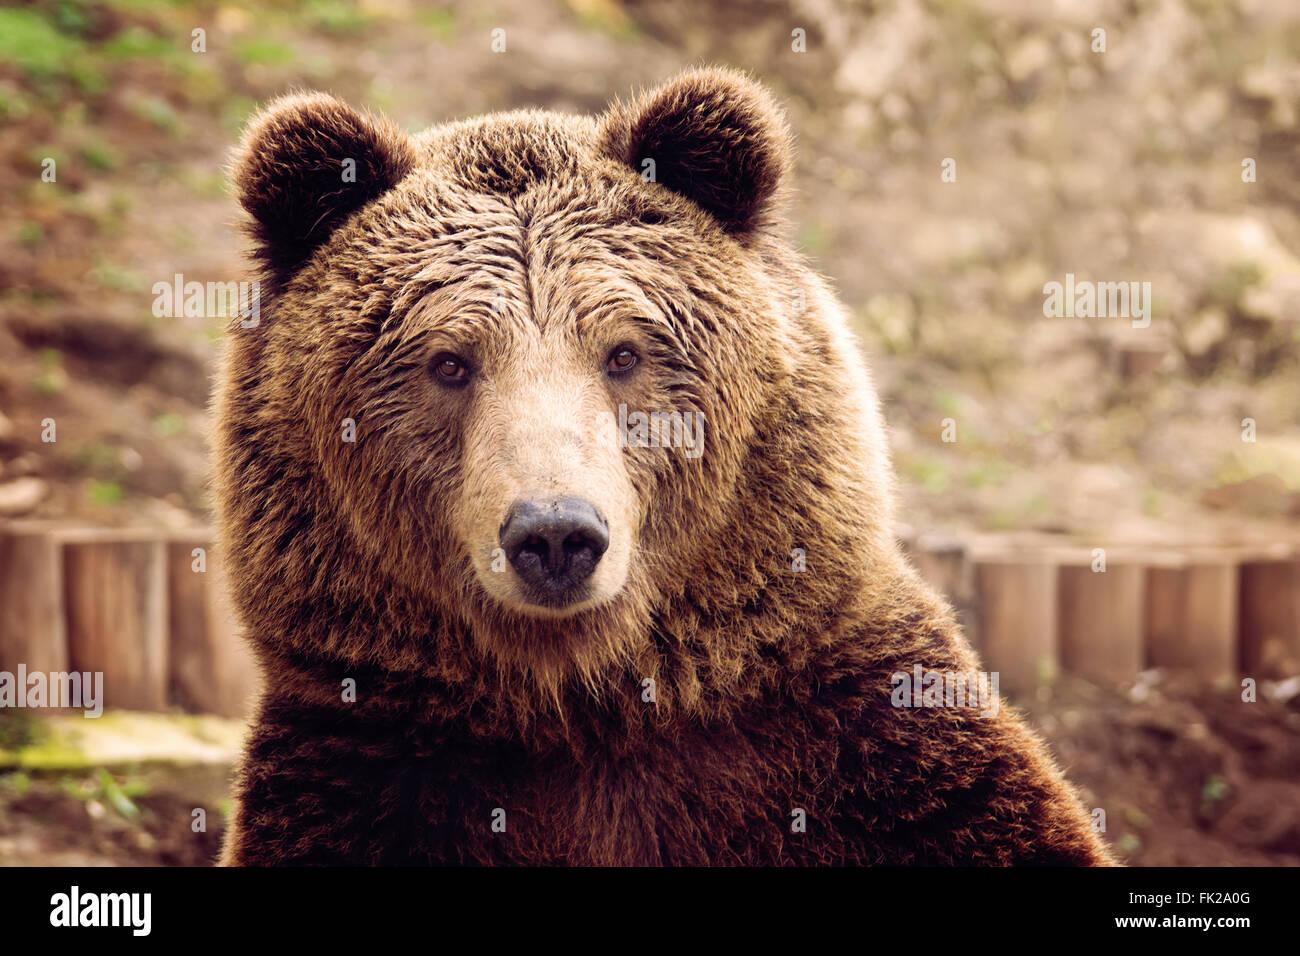 Vista frontal del oso pardo Imagen De Stock